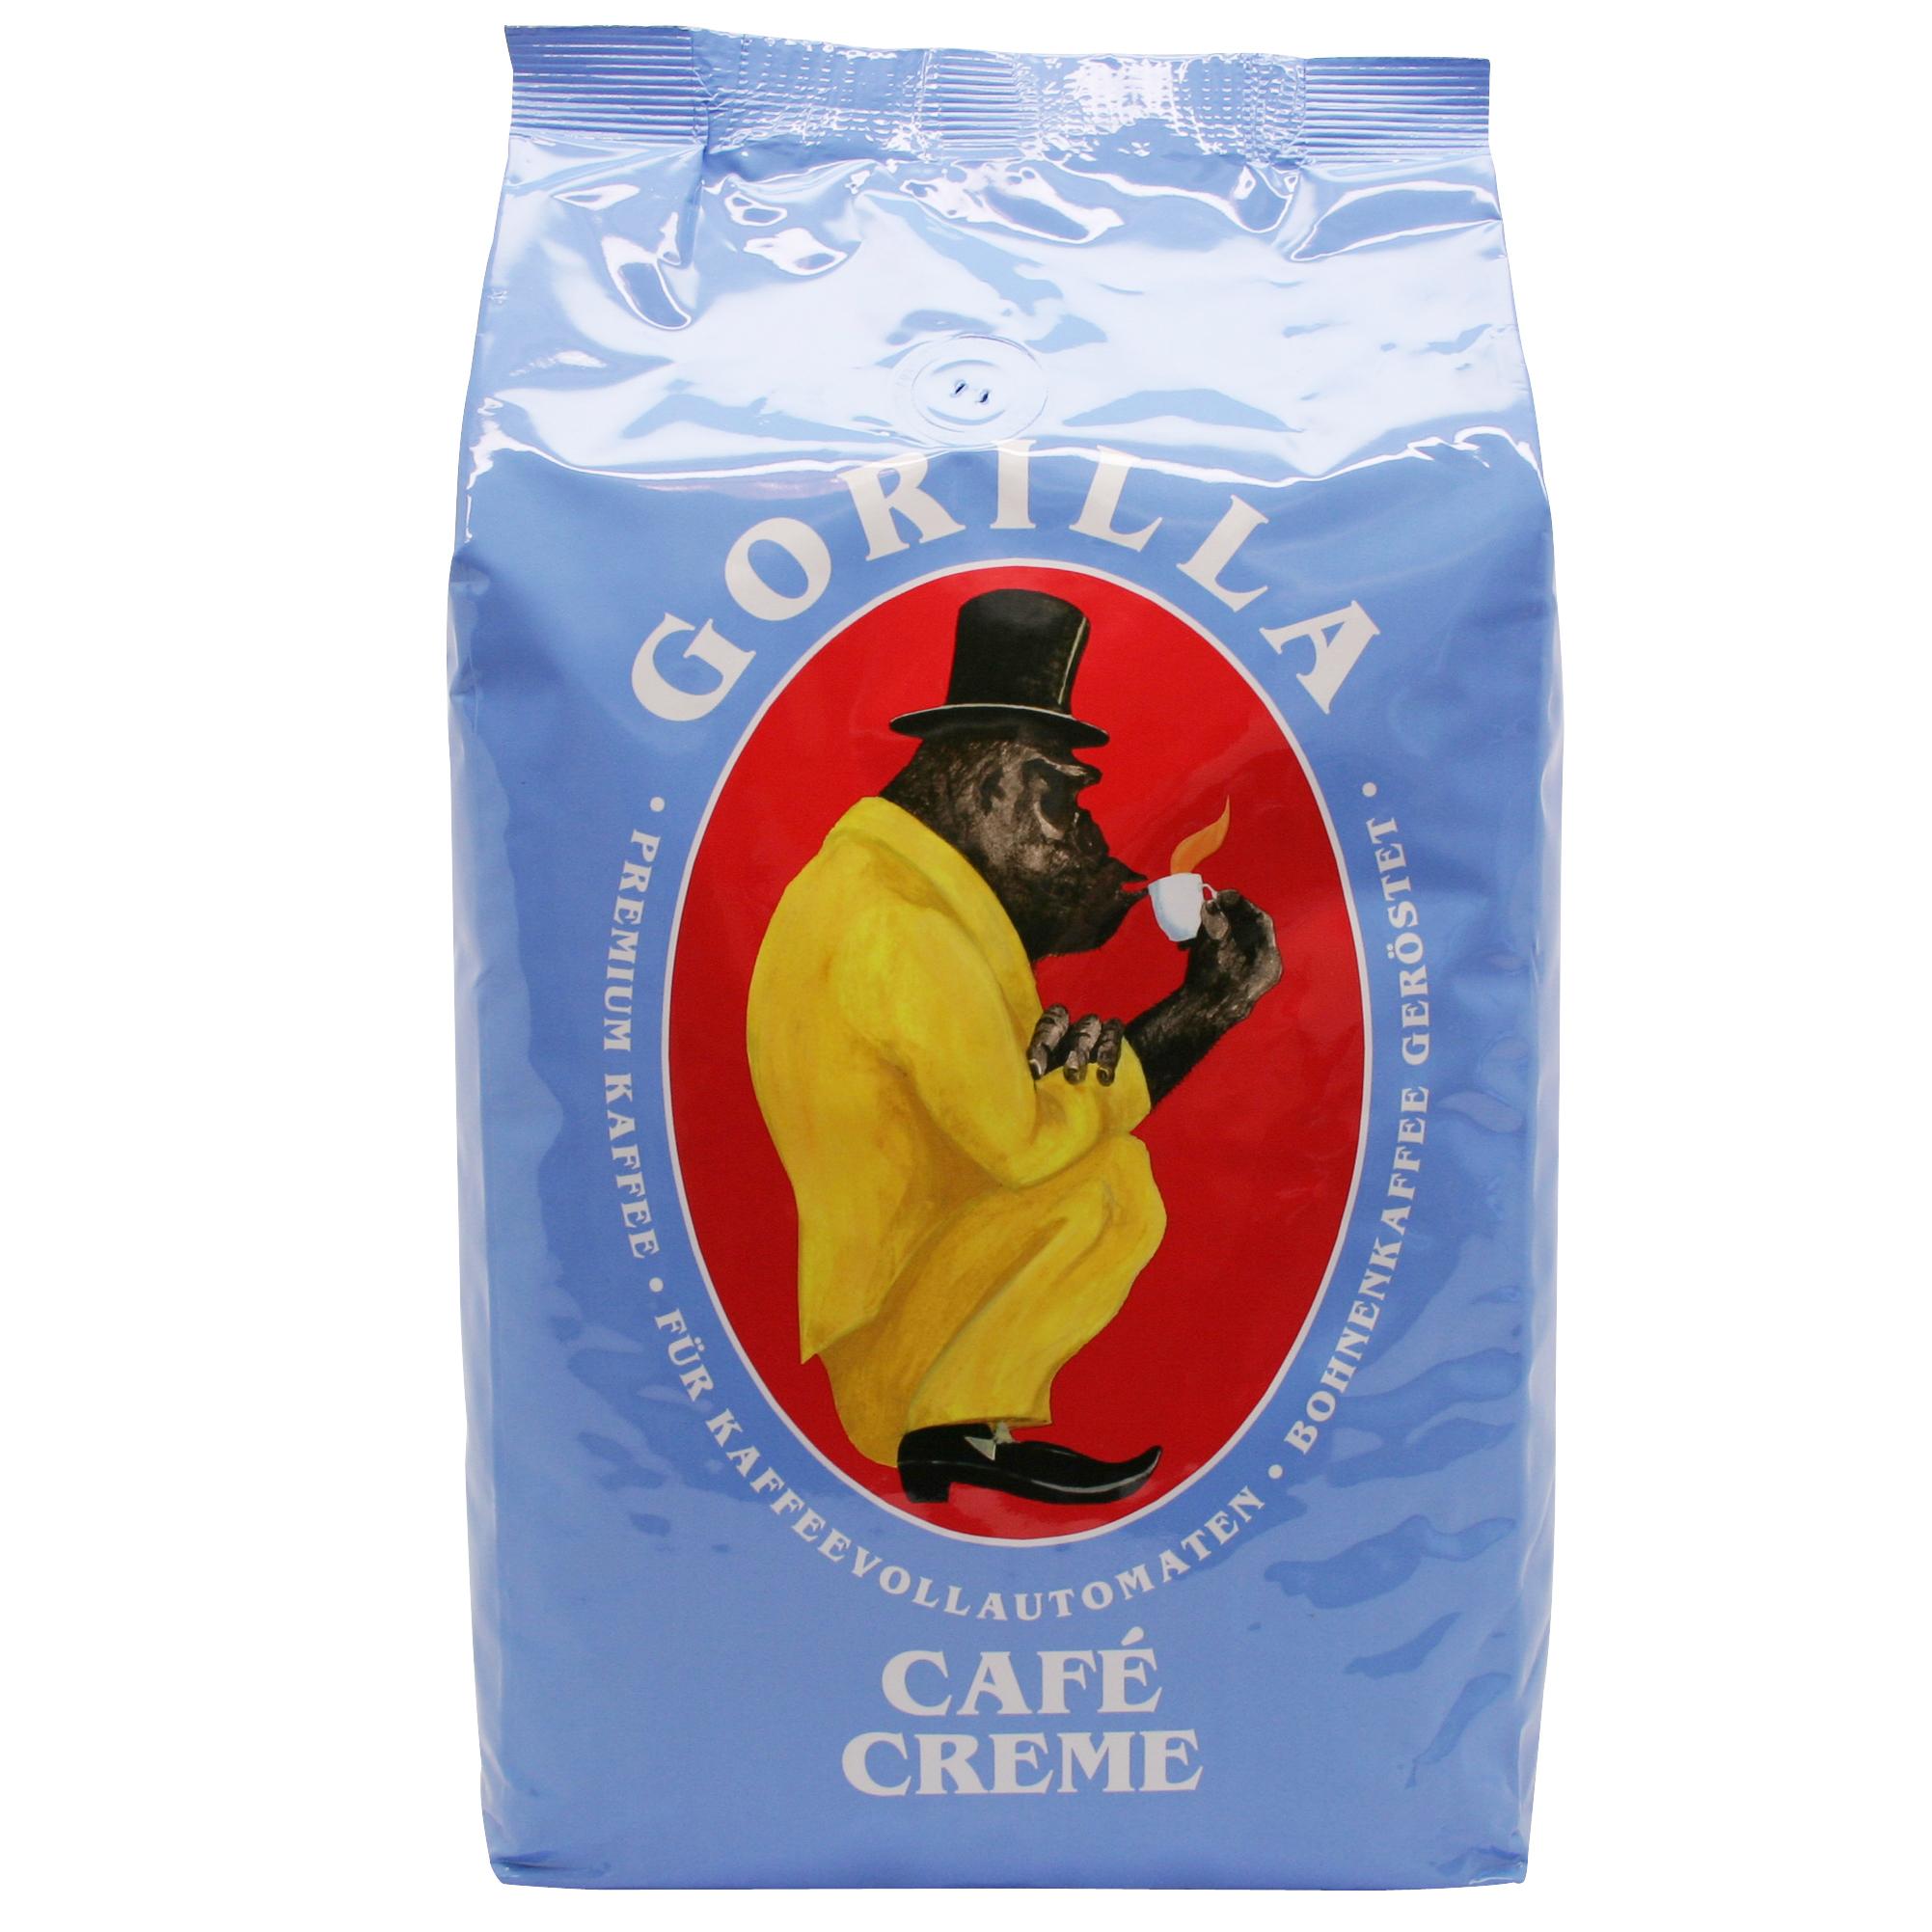 gorilla cafe creme2